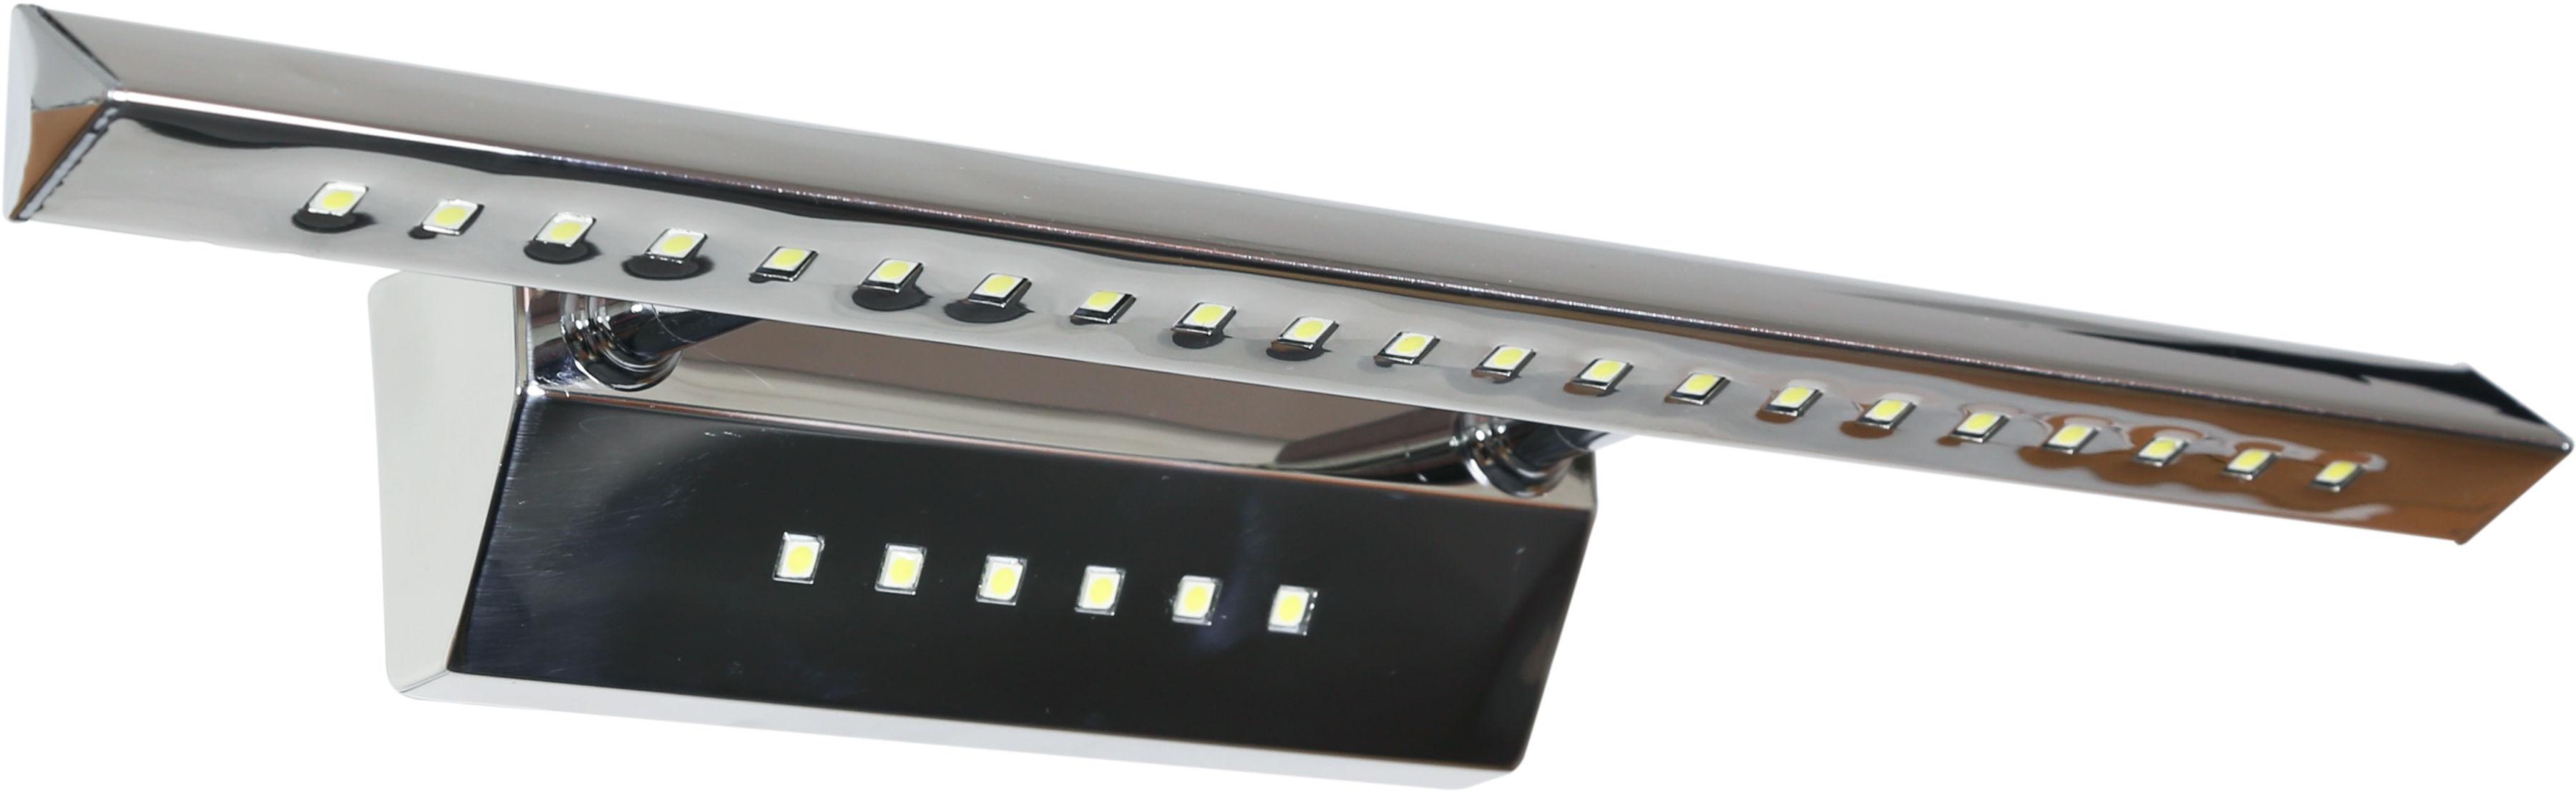 Candellux FORTE LED 3 20-27030 kinkiet lampa ścienna rurka trójkątna z wyłącznikiem chrom 7W LED 40,5cm